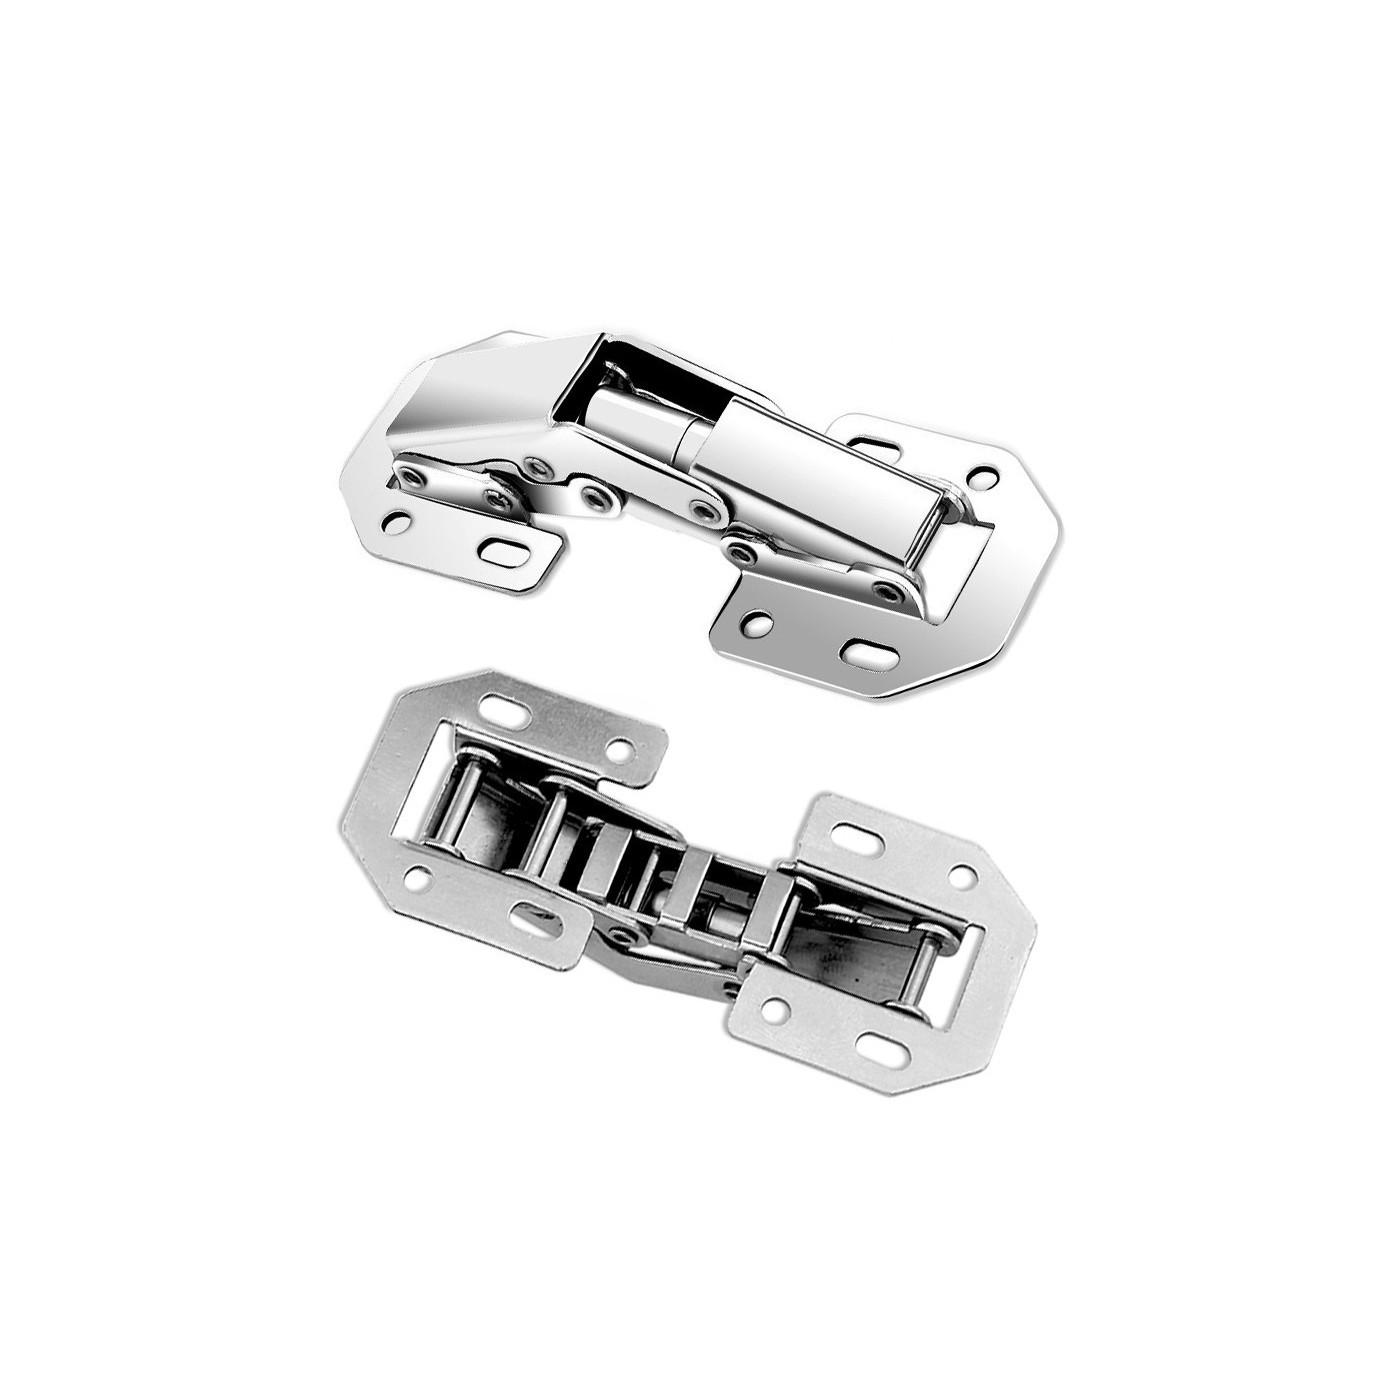 Set di 16 cerniere per mobili in metallo (misura 1:78 mm)  - 1